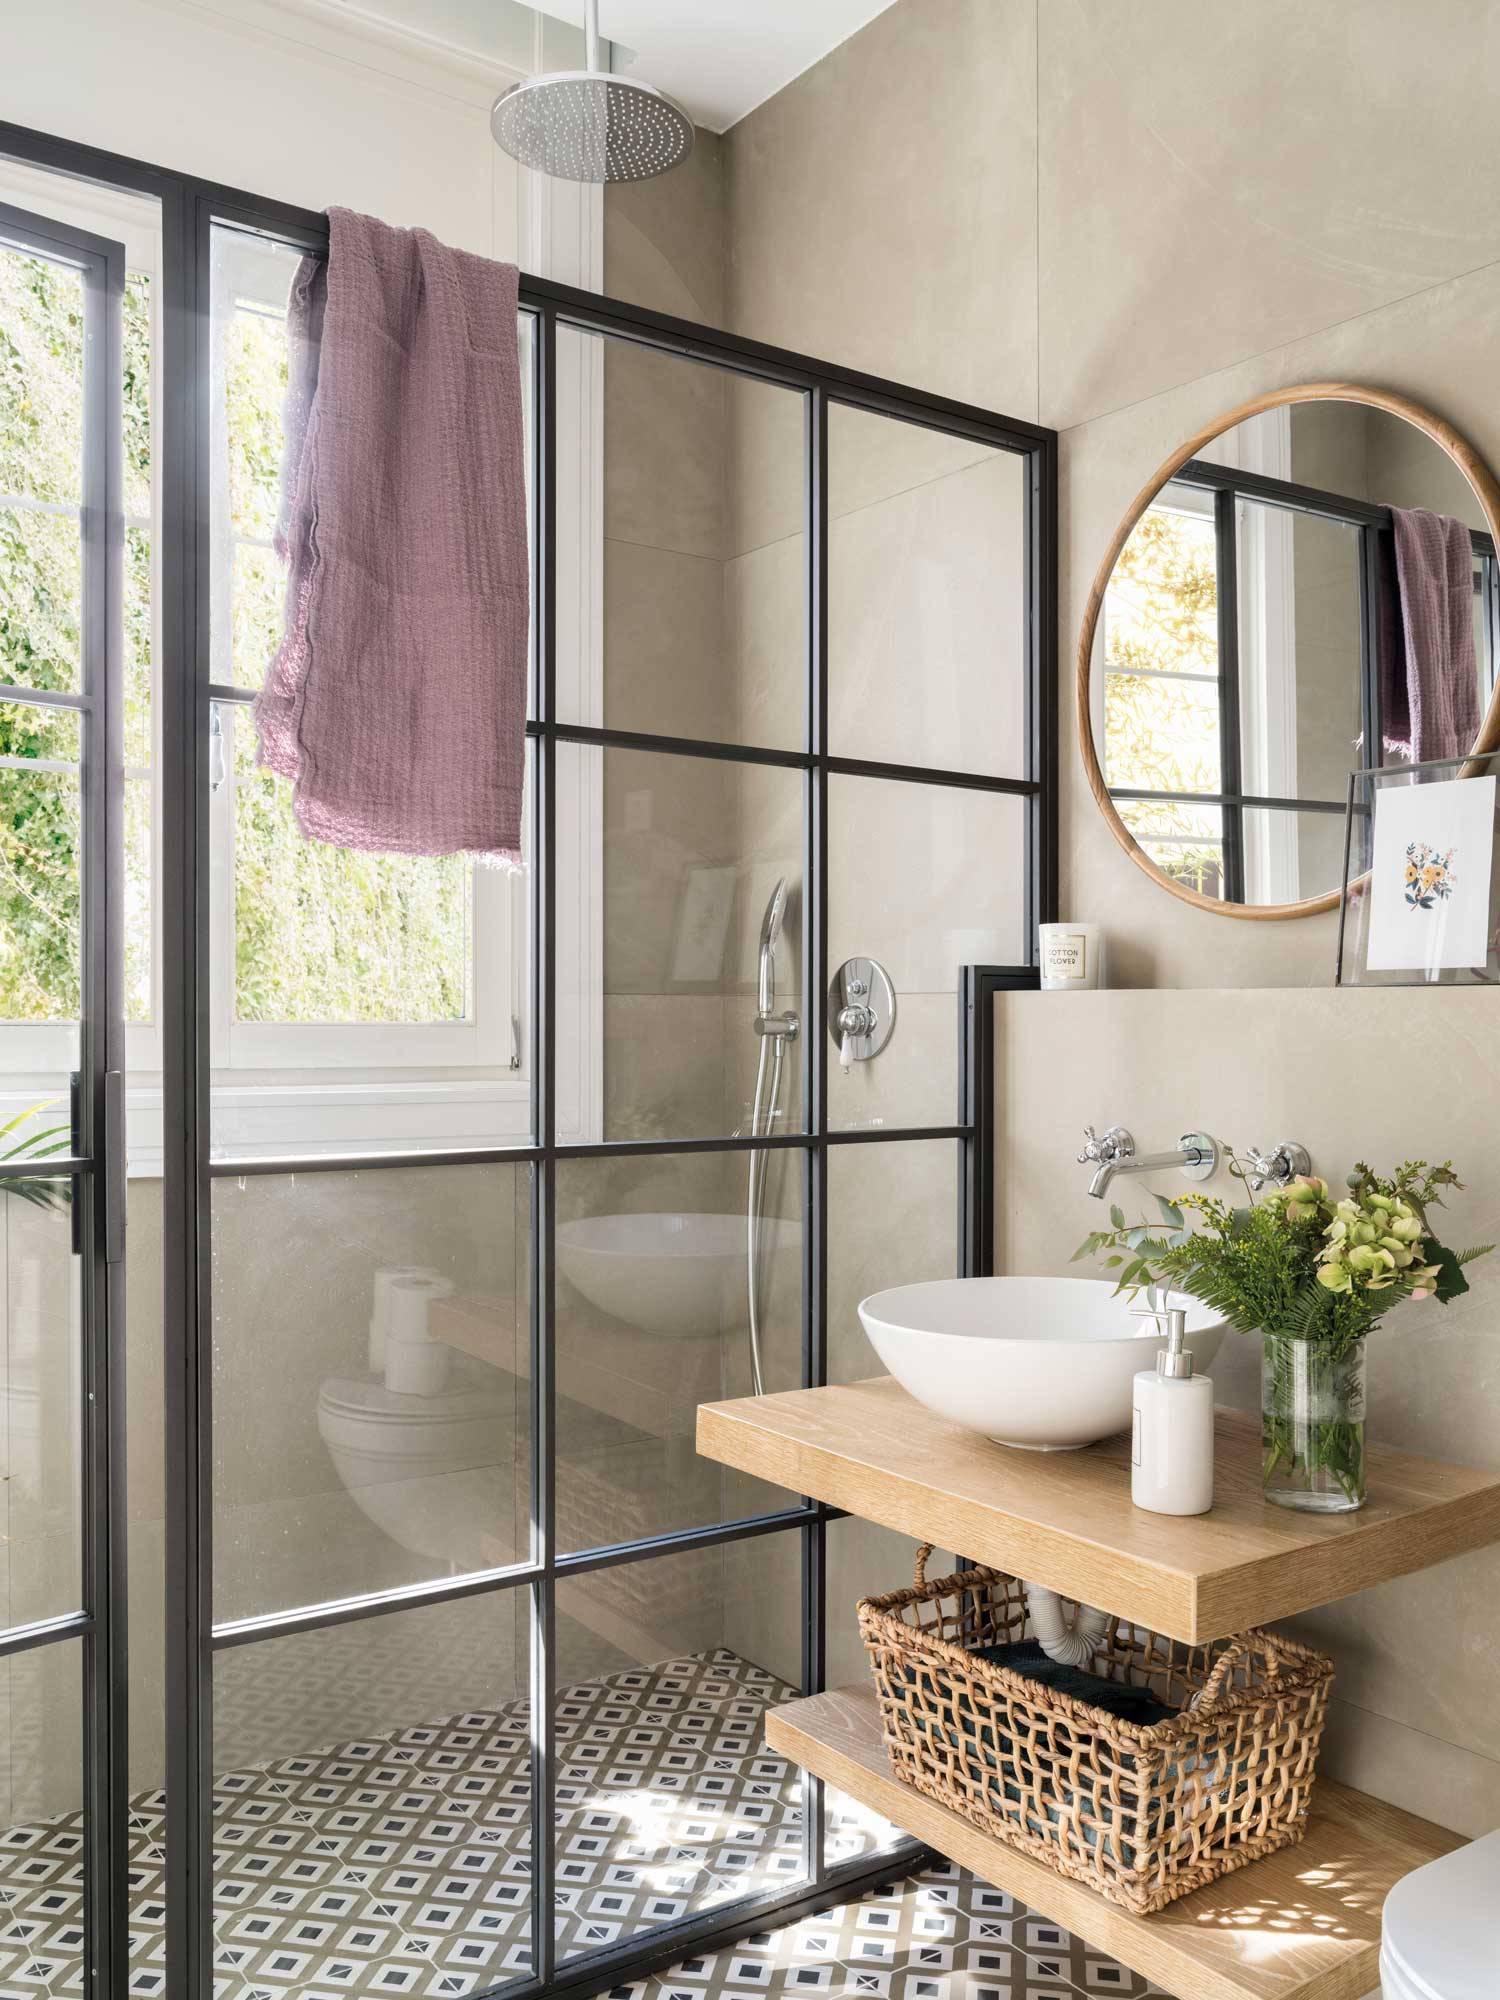 816 Fotos de Muebles de baño